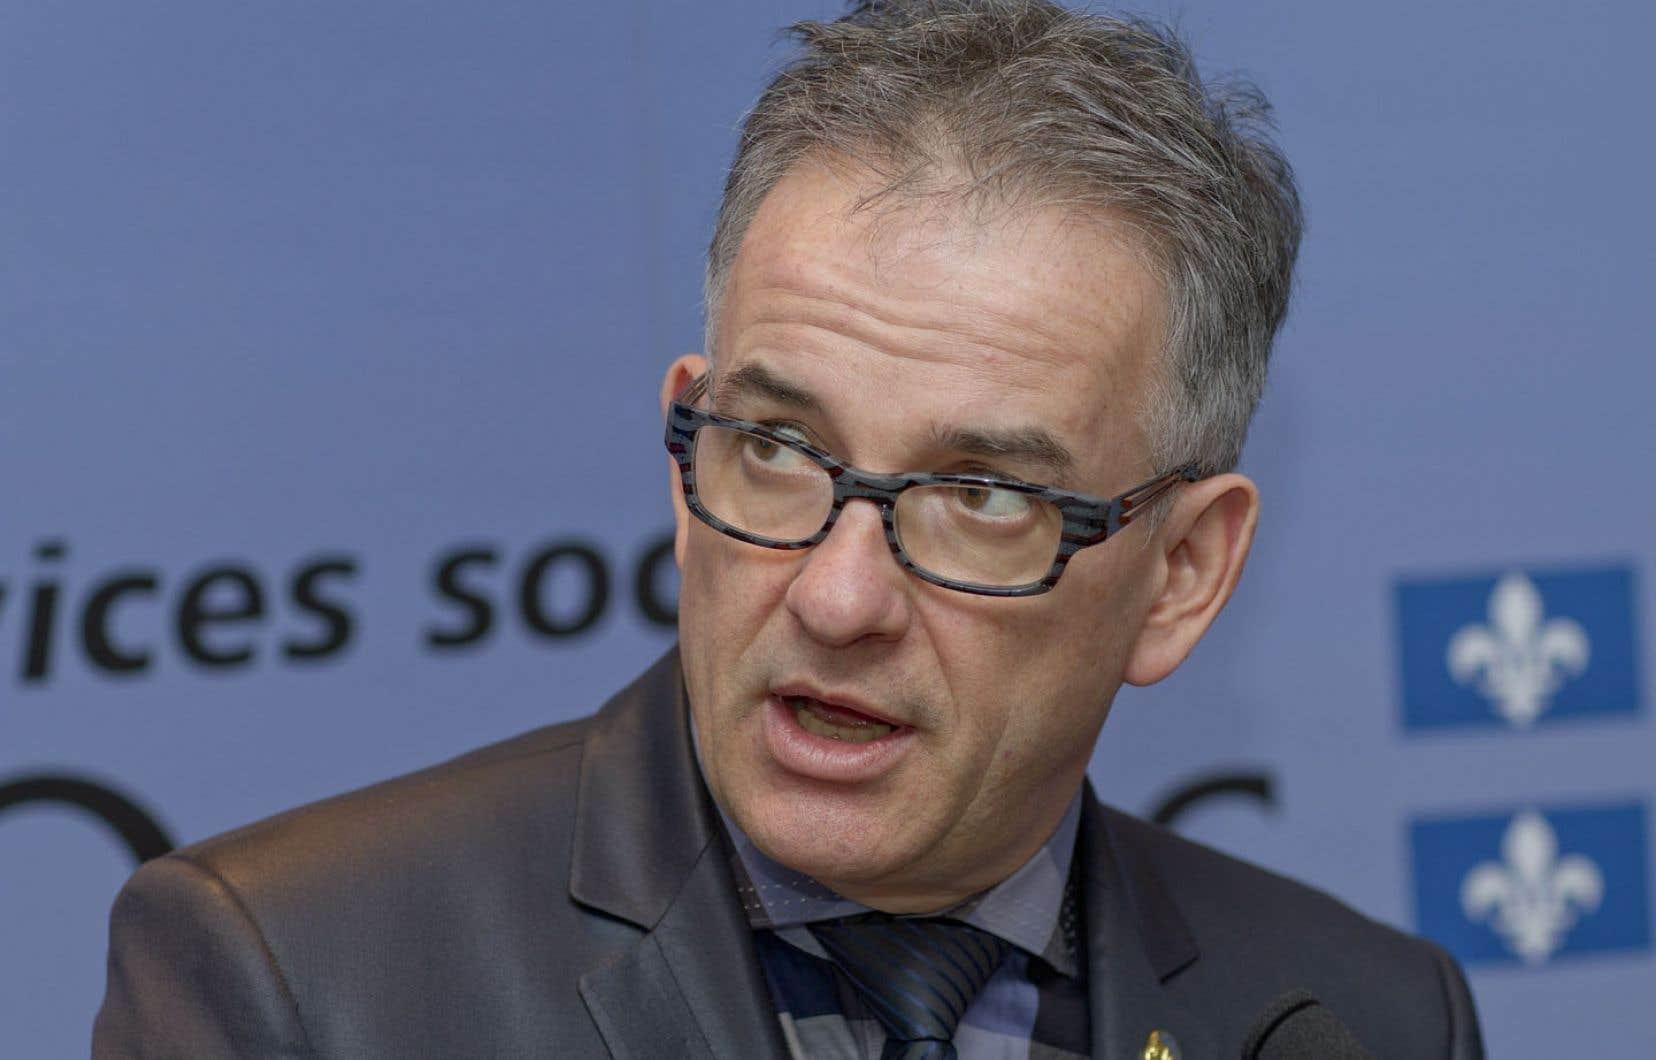 Le ministre de la santé, Réjean Hébert, a mandaté le commissaire à la santé et au bien-être, Robert Salois, pour répondre à ses questions sur la procréation assistée par l'entremise d'une consultation publique.